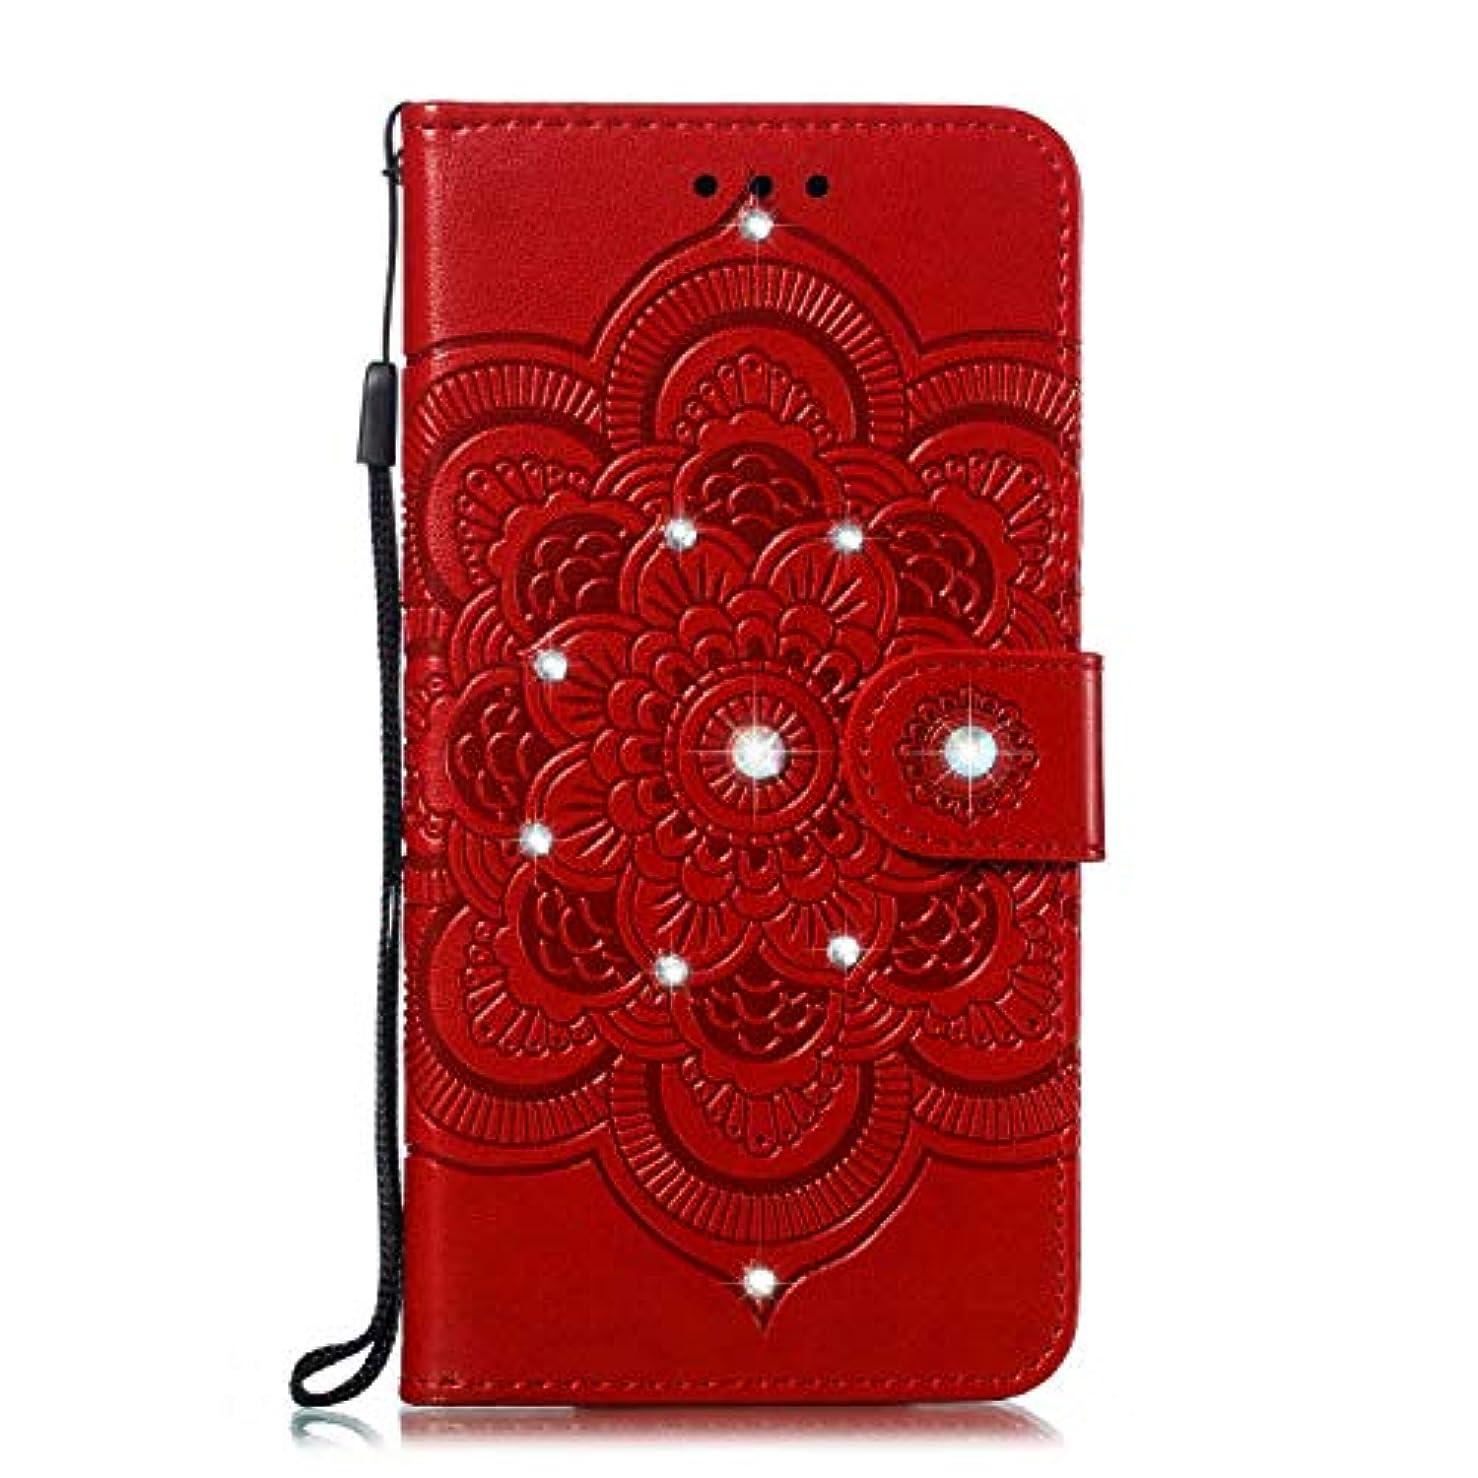 考えた気になる作詞家OMATENTI Huawei P Smart ケース 手帳型 かわいい レディース用 合皮PUレザー 財布型 保護ケース ザー カード収納 スタンド 機能 マグネット 人気 高品質 ダイヤモンドの輝き マンダラのエンボス加工 ケース, 赤